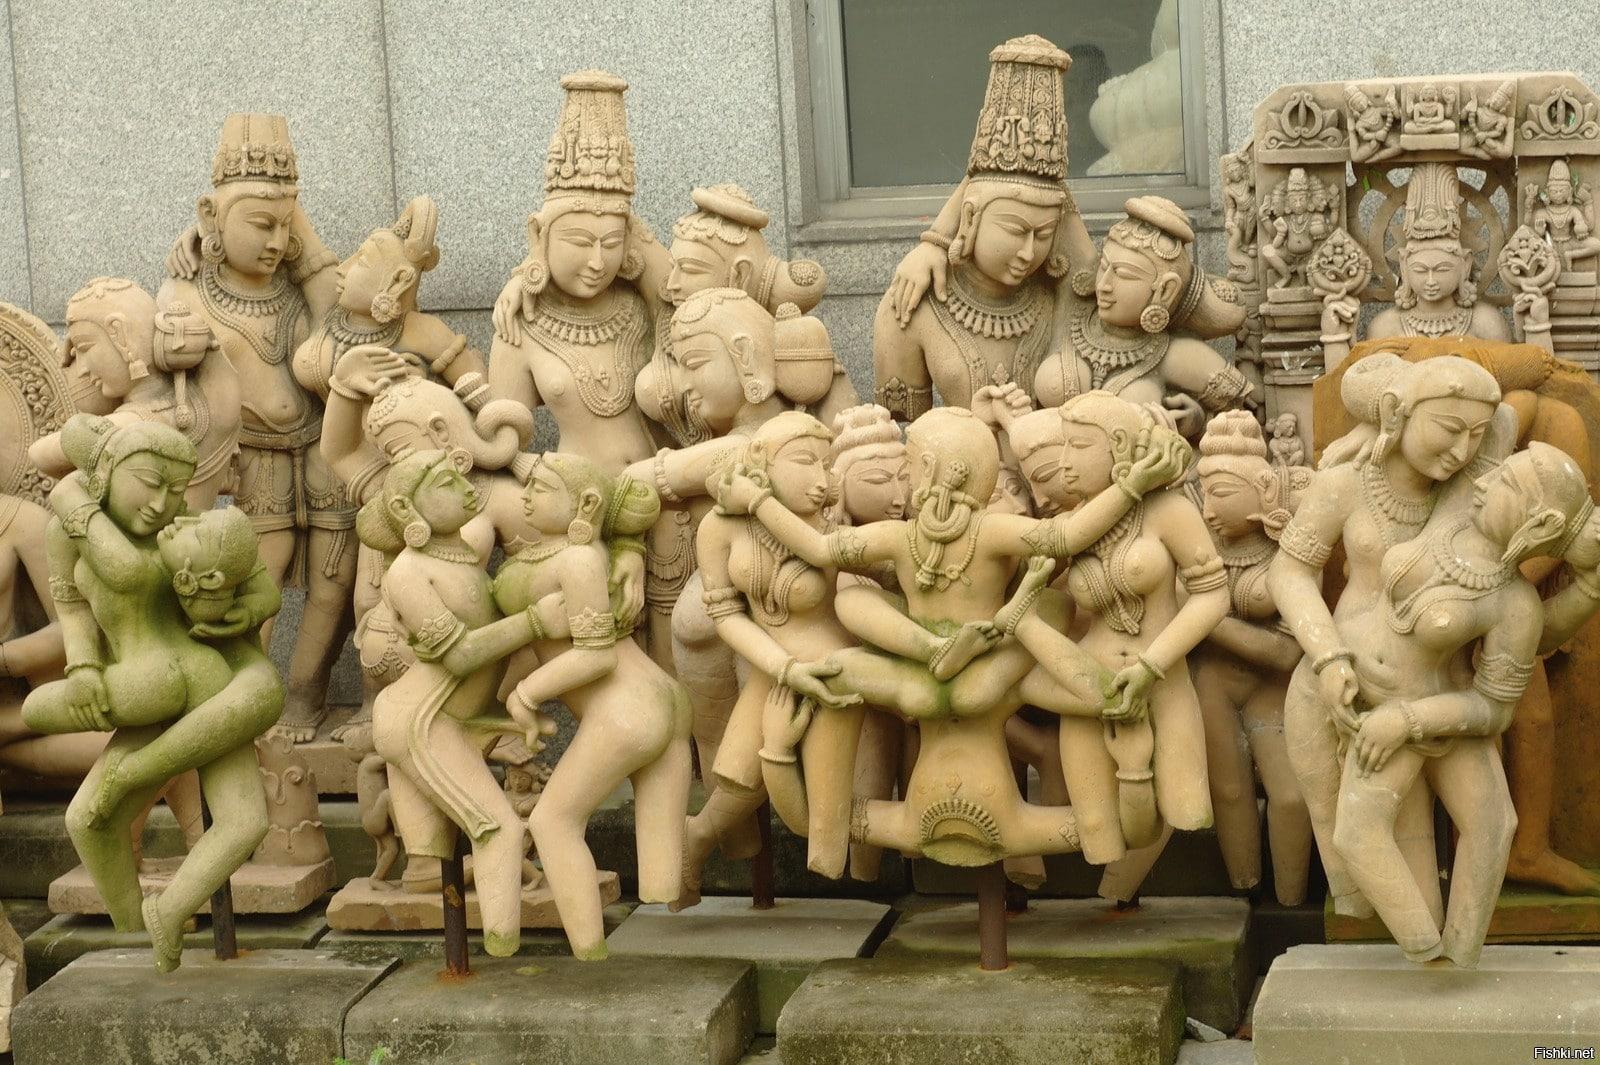 La vita sessuale nell'antica India